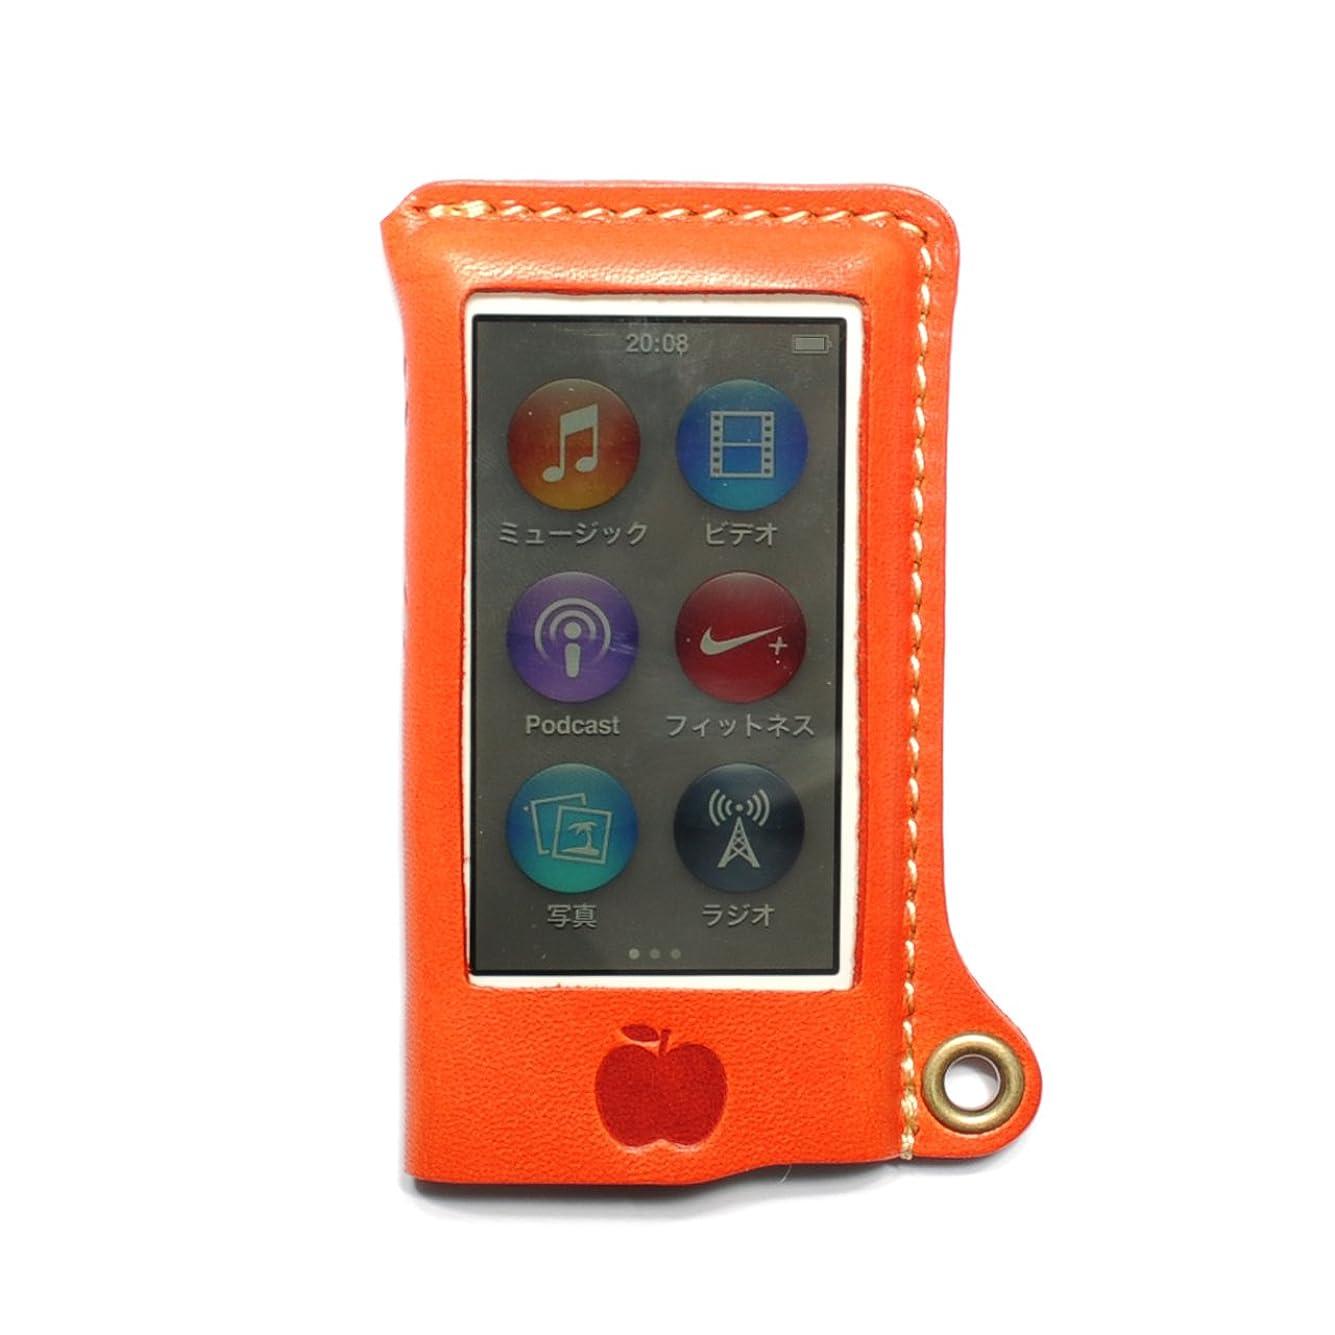 コストマーチャンダイザー浴室[310]iPod nano 7G オイルレザーケース/本革(栃木レザー)【オレンジ】